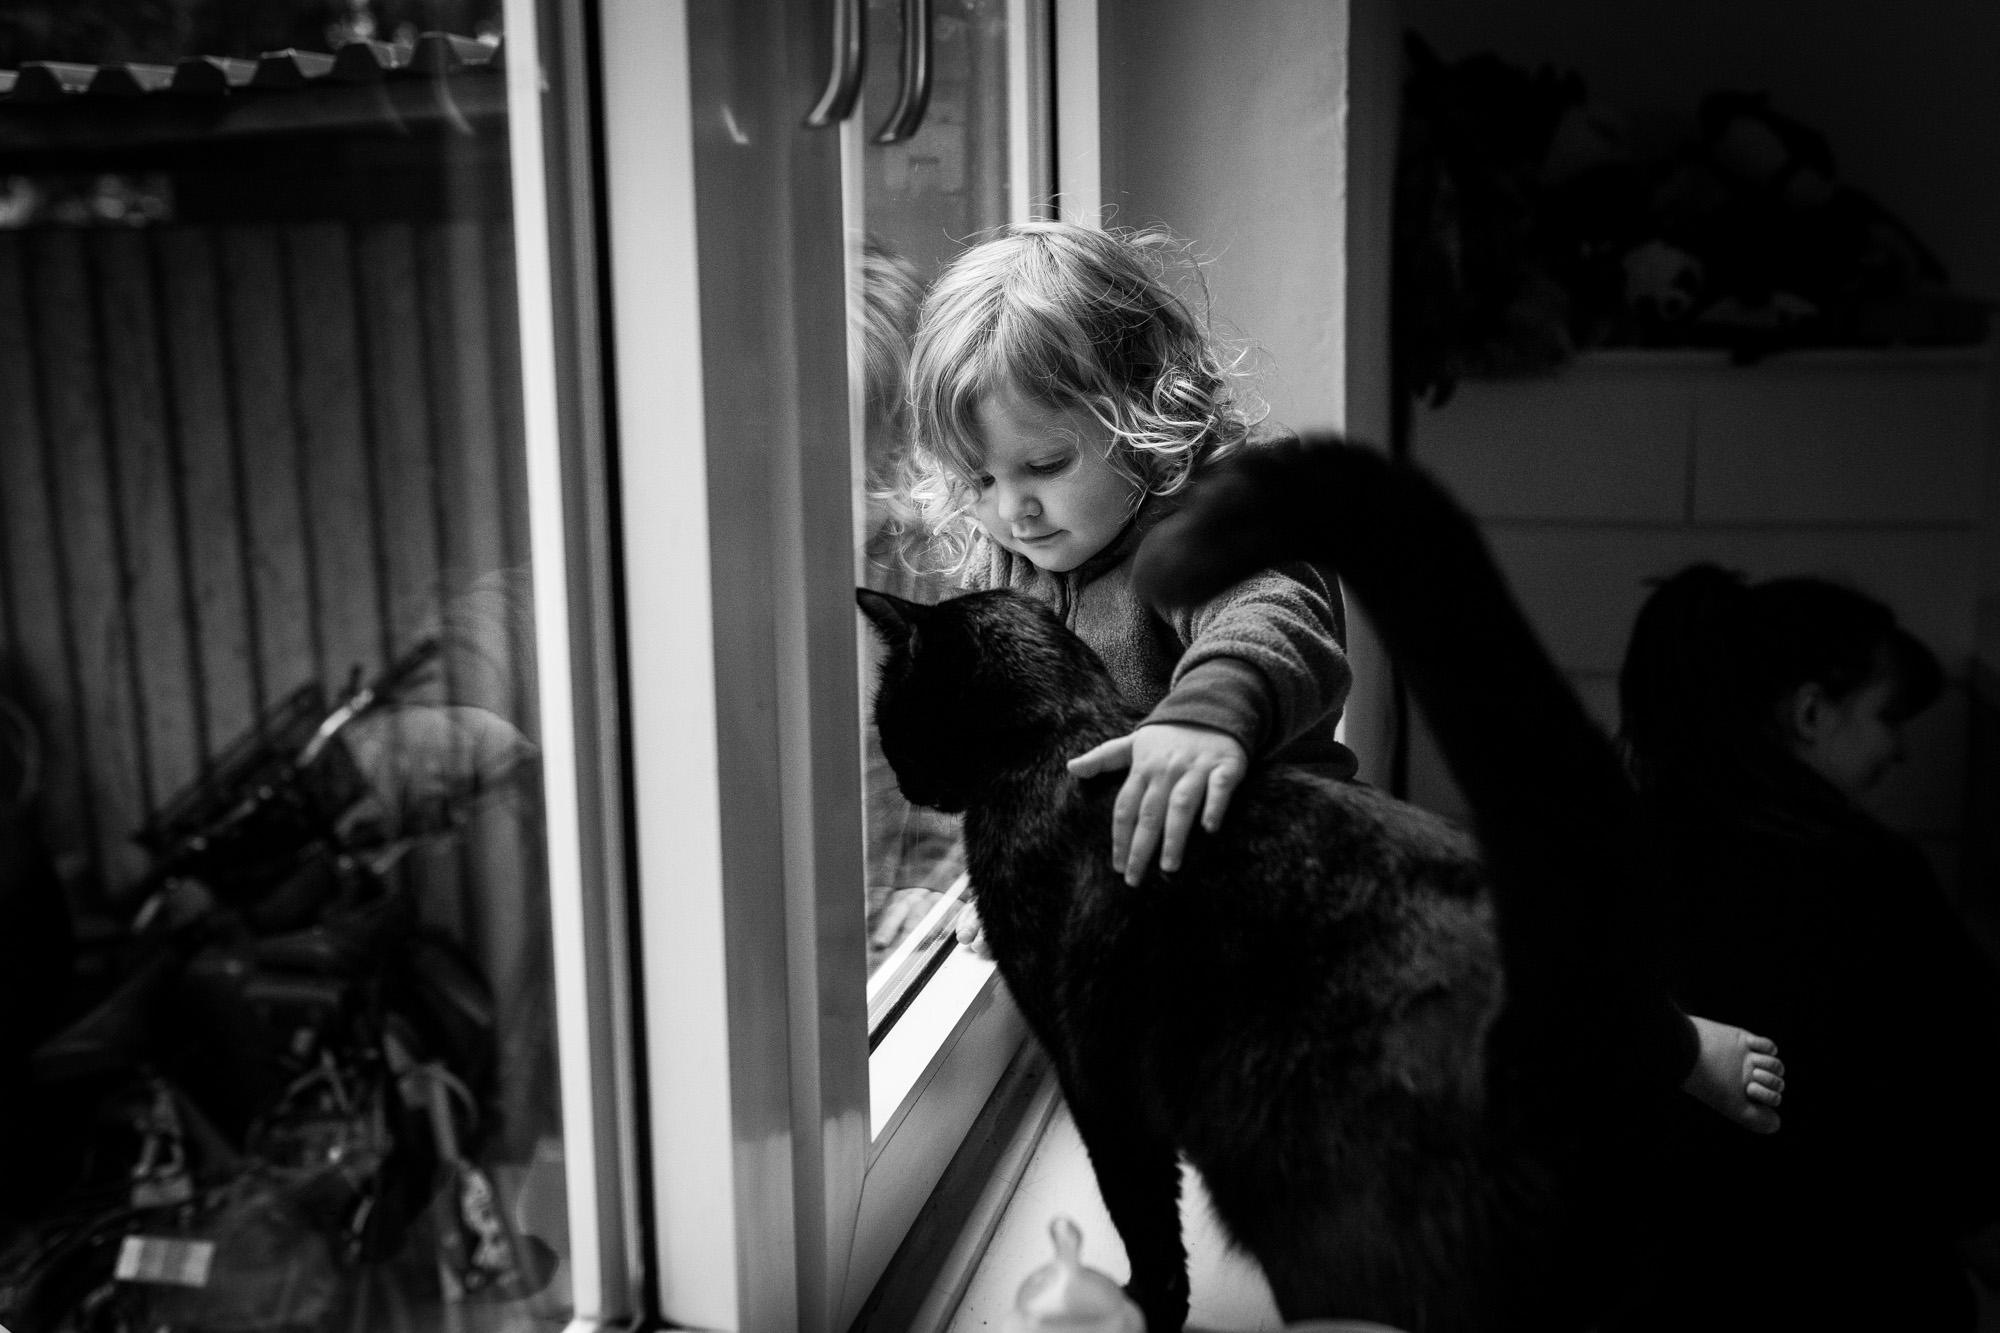 Mädchen umarmt zärtlich ihre Katze, beide sitzen auf einem Fensterbrett.